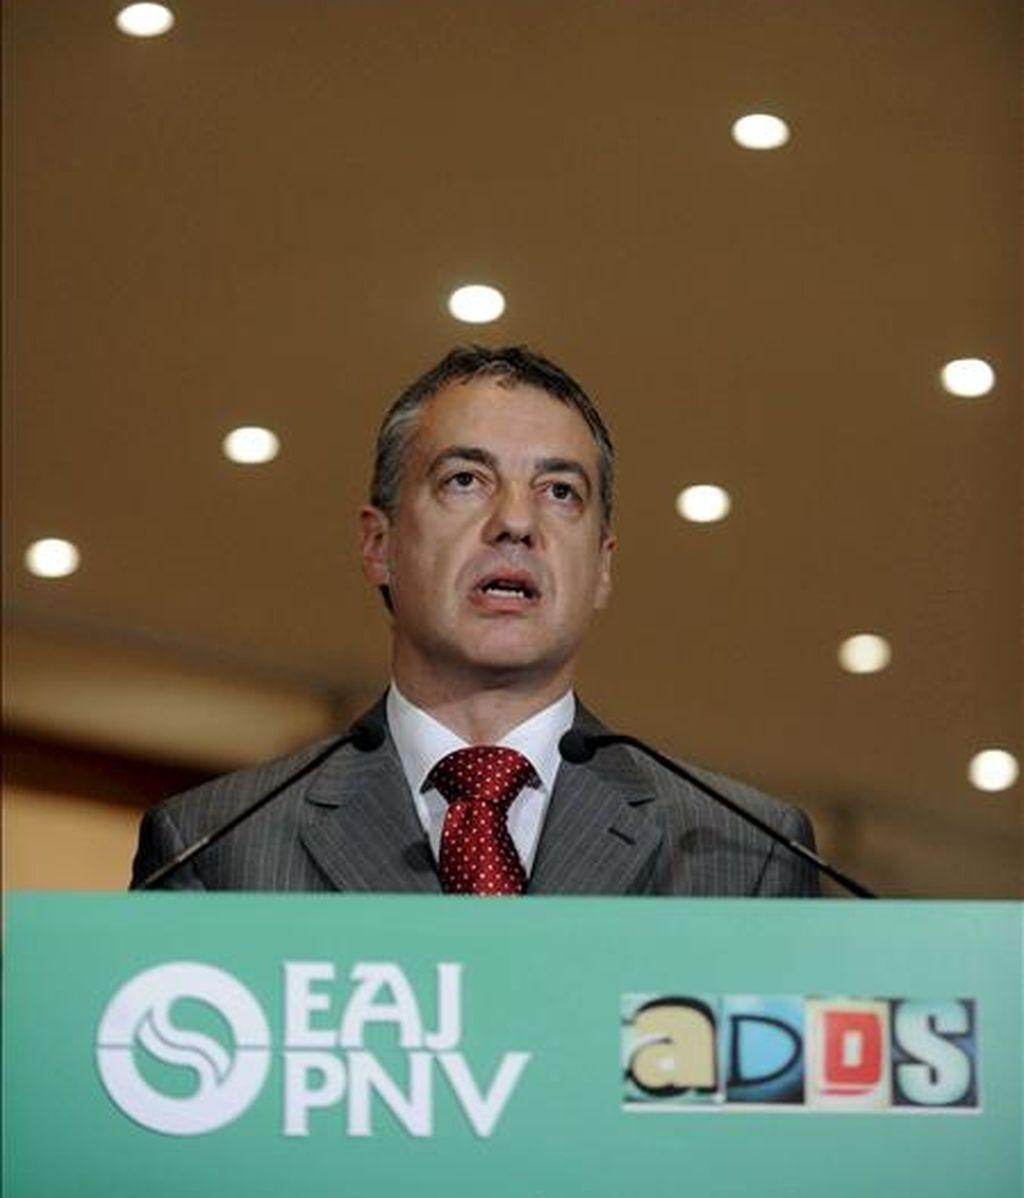 El presidente del PNV, Íñigo Urkullu, interviene en el acto de conmemoración del 115 aniversario de la fundación de su partido. EFE